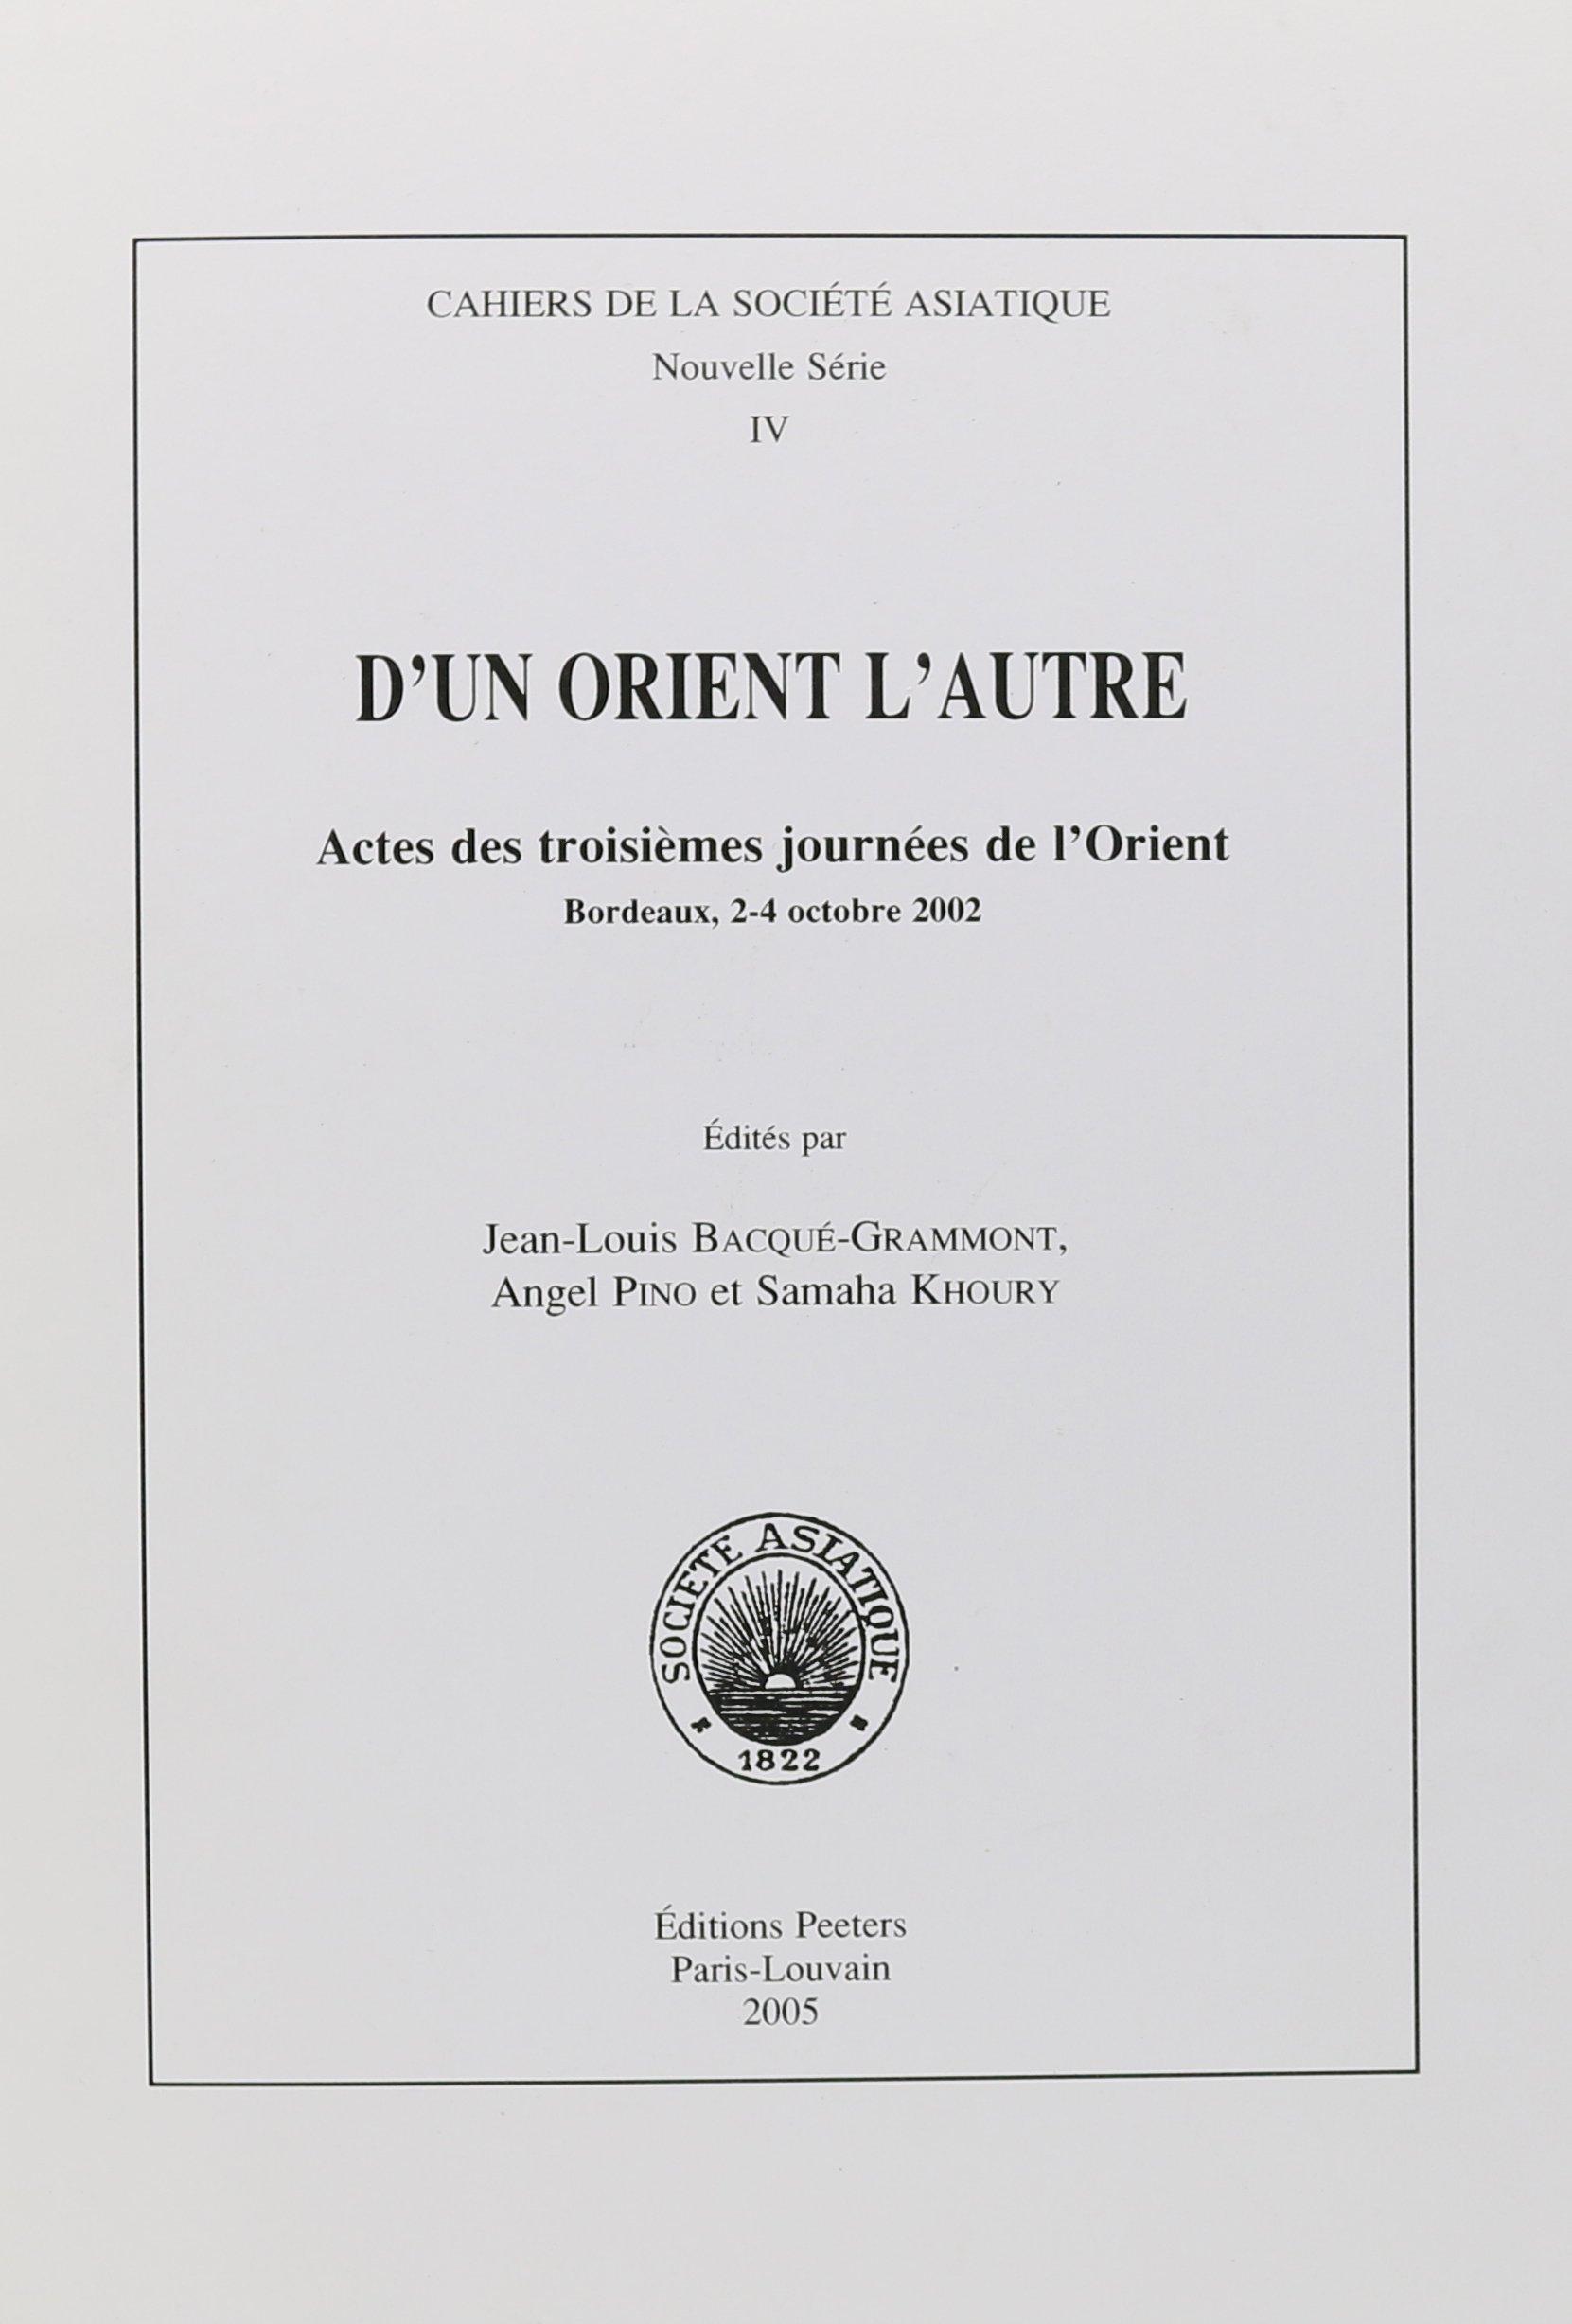 Download D'un Orient l'autre: Actes des troisiemes journees de l'Orient. Bordeaux, 2-4 octobre 2002 (Cahiers de la Societe Asiatique. Nouvelle Serie) PDF